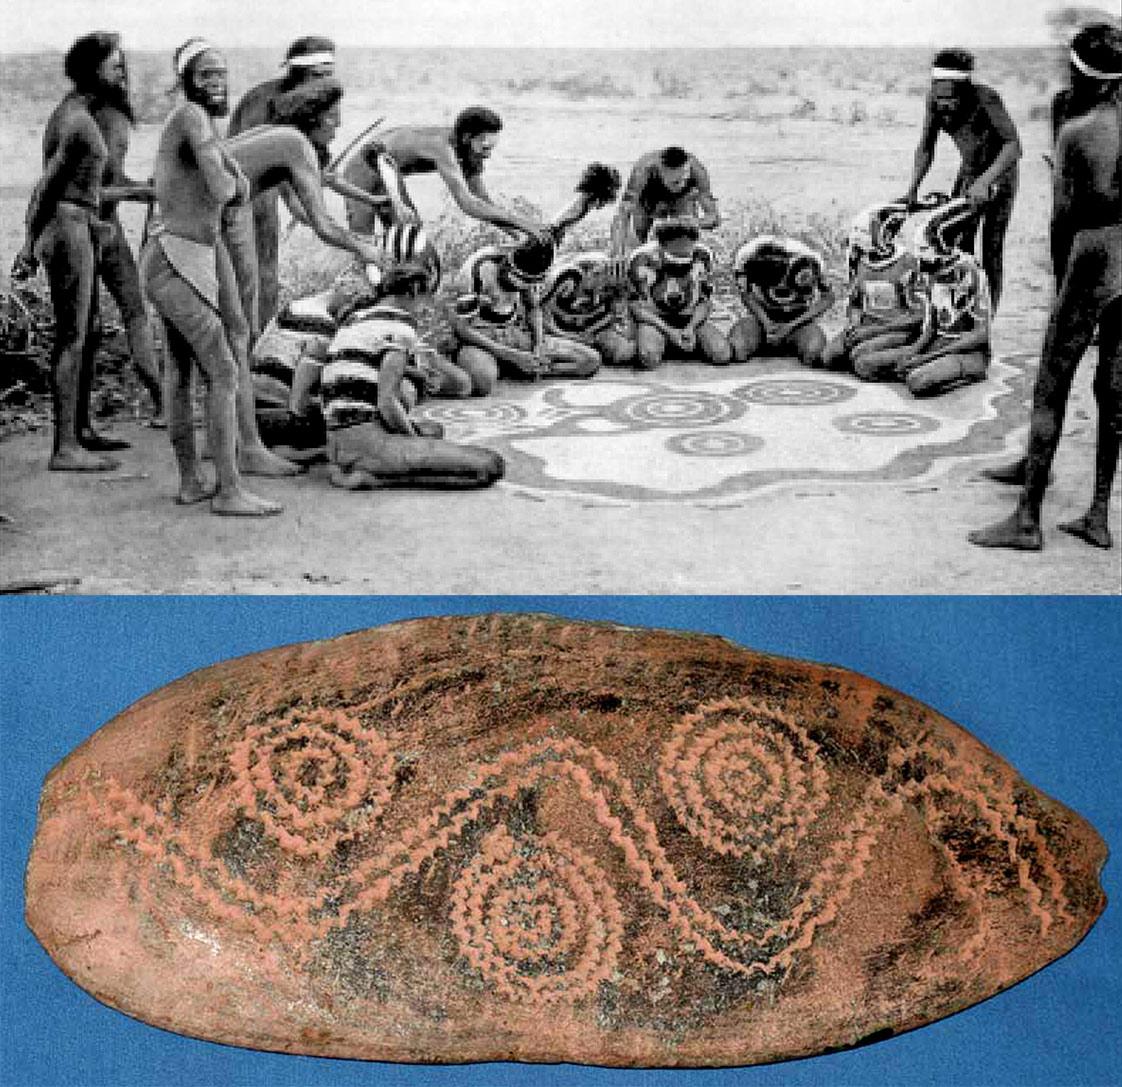 Désert central. Peinture sur sable (photo Elkin) et churinga.